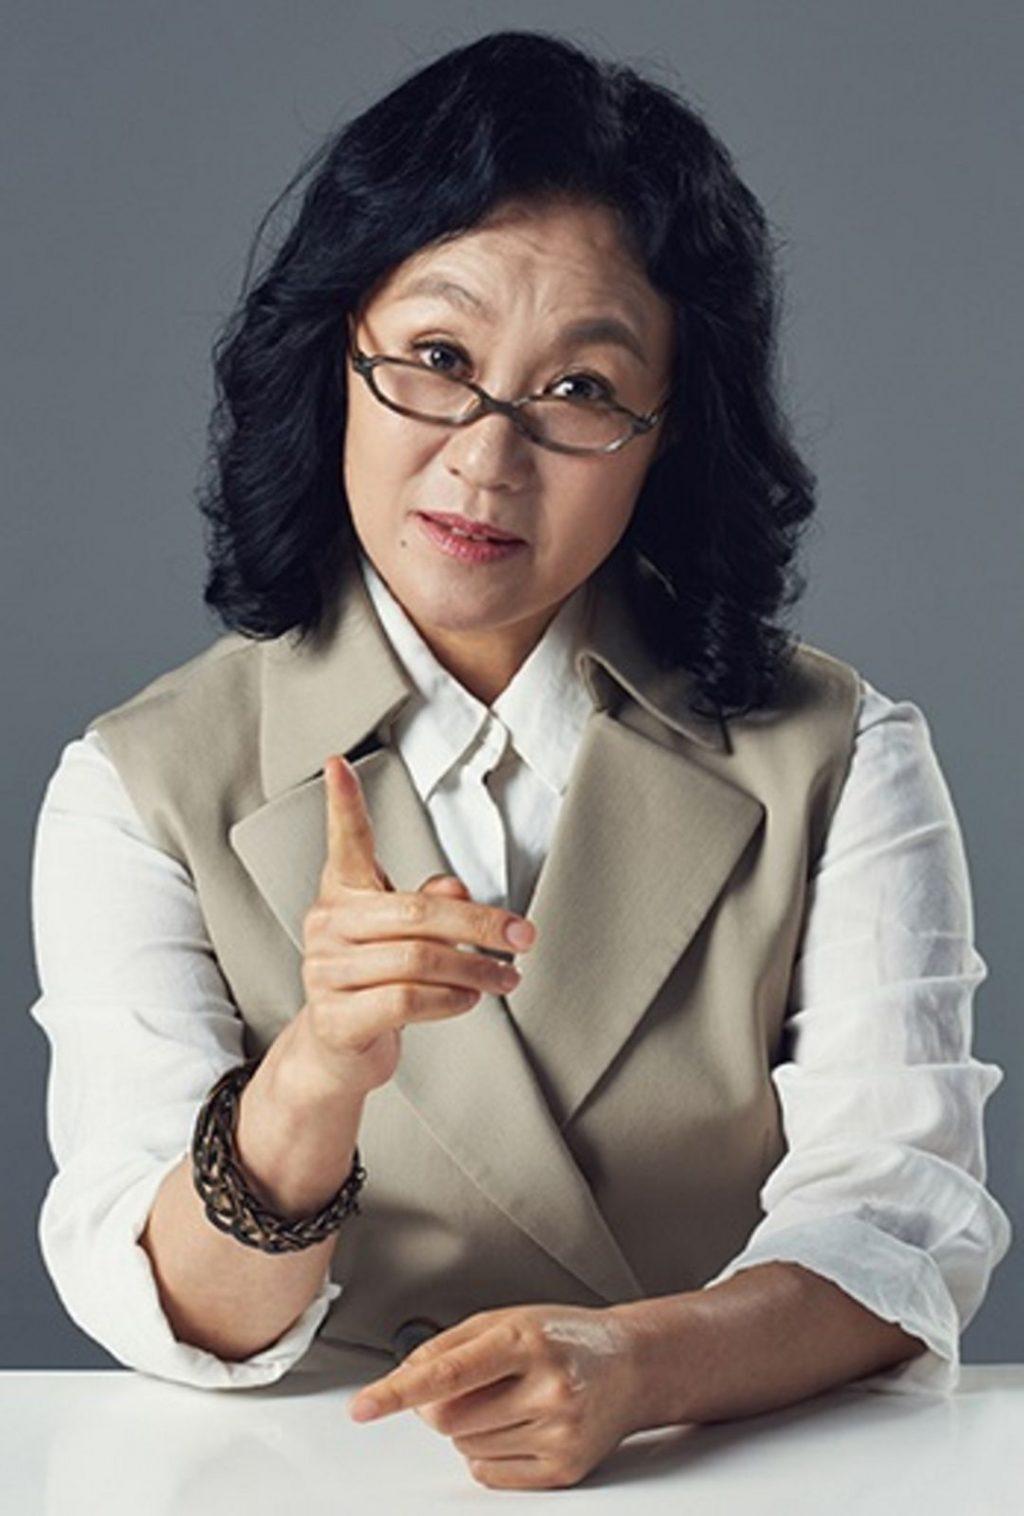 Jun Kook Hyang